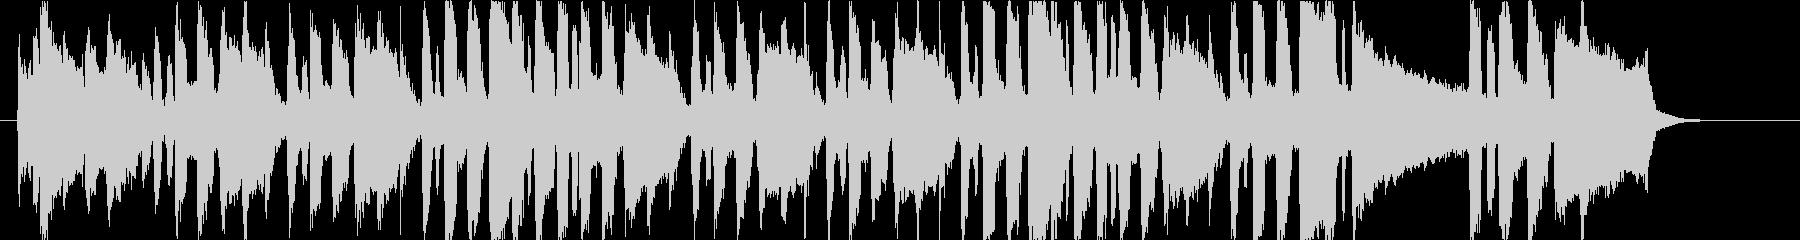 誕生日の歌(ワルツver) 【ユウキ】の未再生の波形